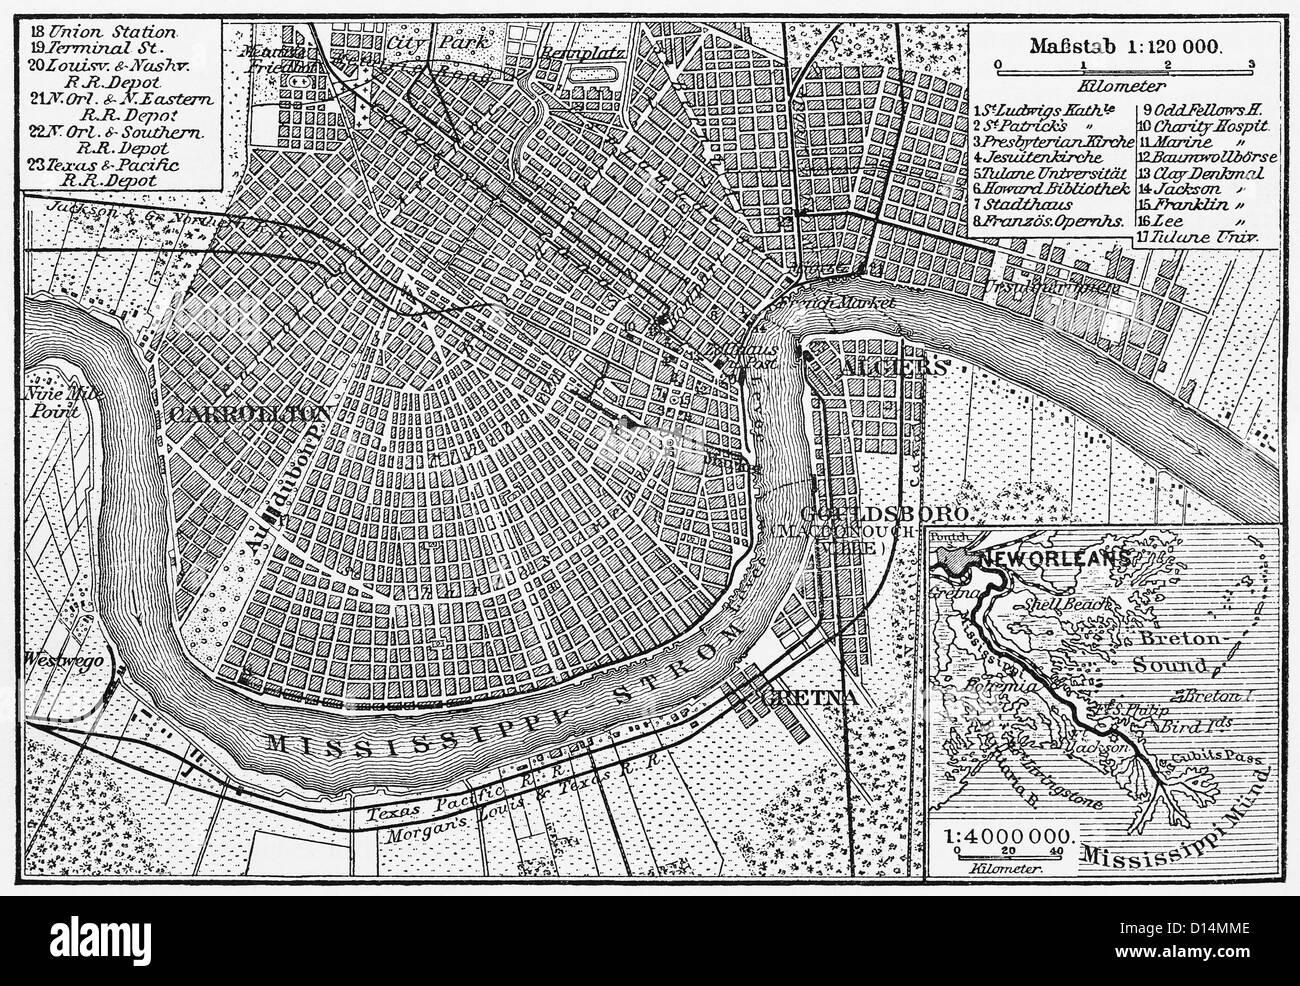 Vintage Carte De La Nouvelle Orleans A Partir De La Fin Du 19e Siecle Photo Stock Alamy